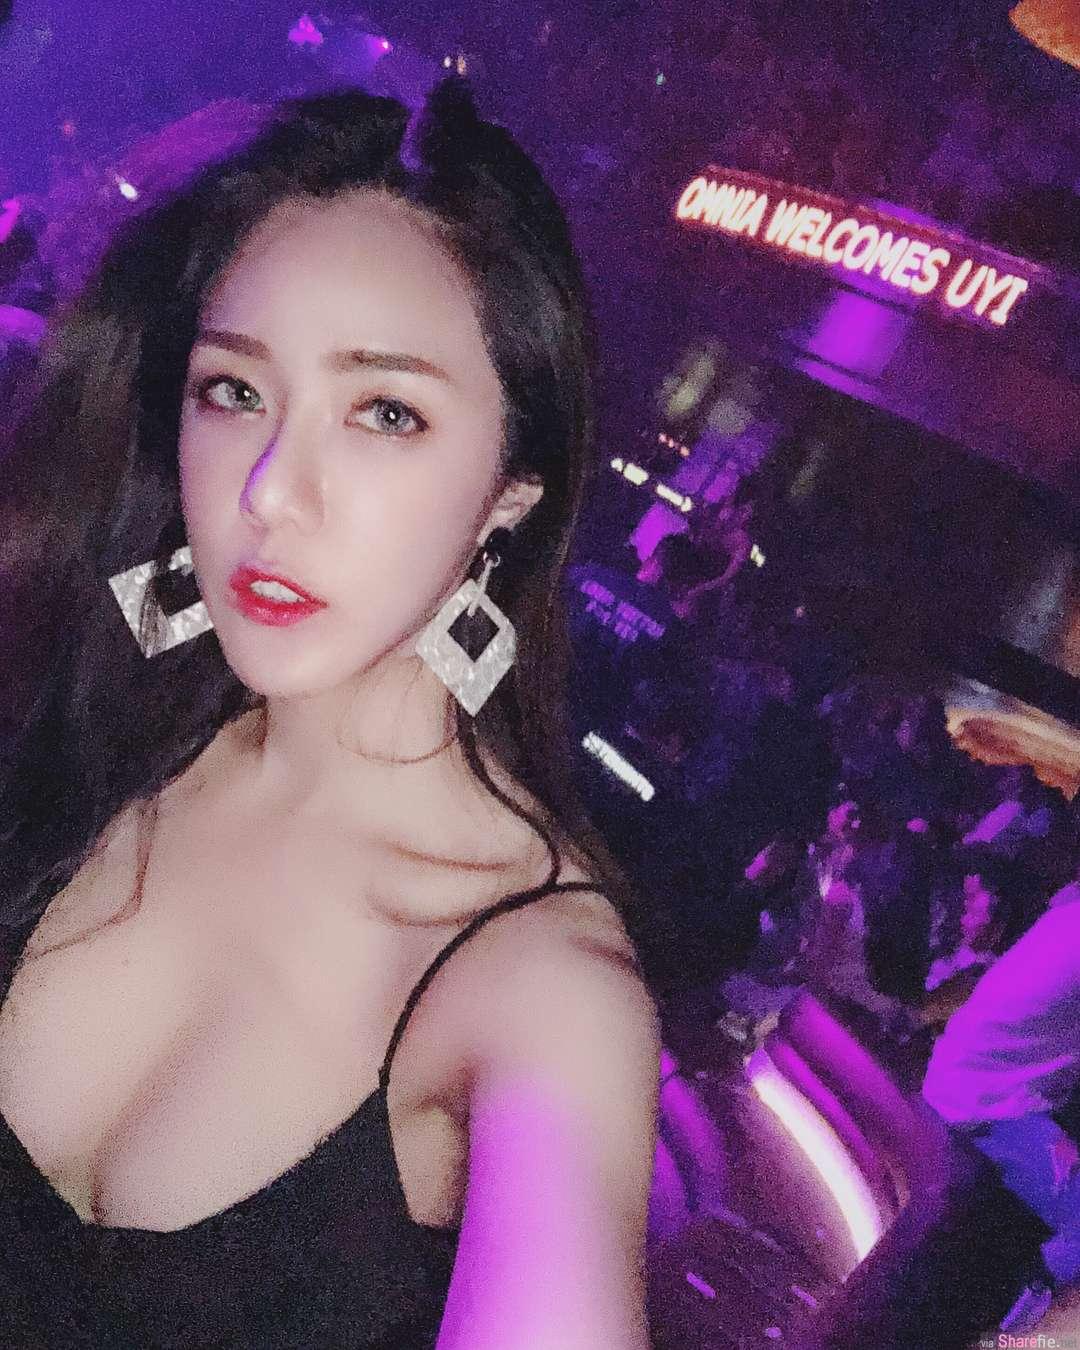 正妹Uyi参加派对,中路大开好身材霸气外漏